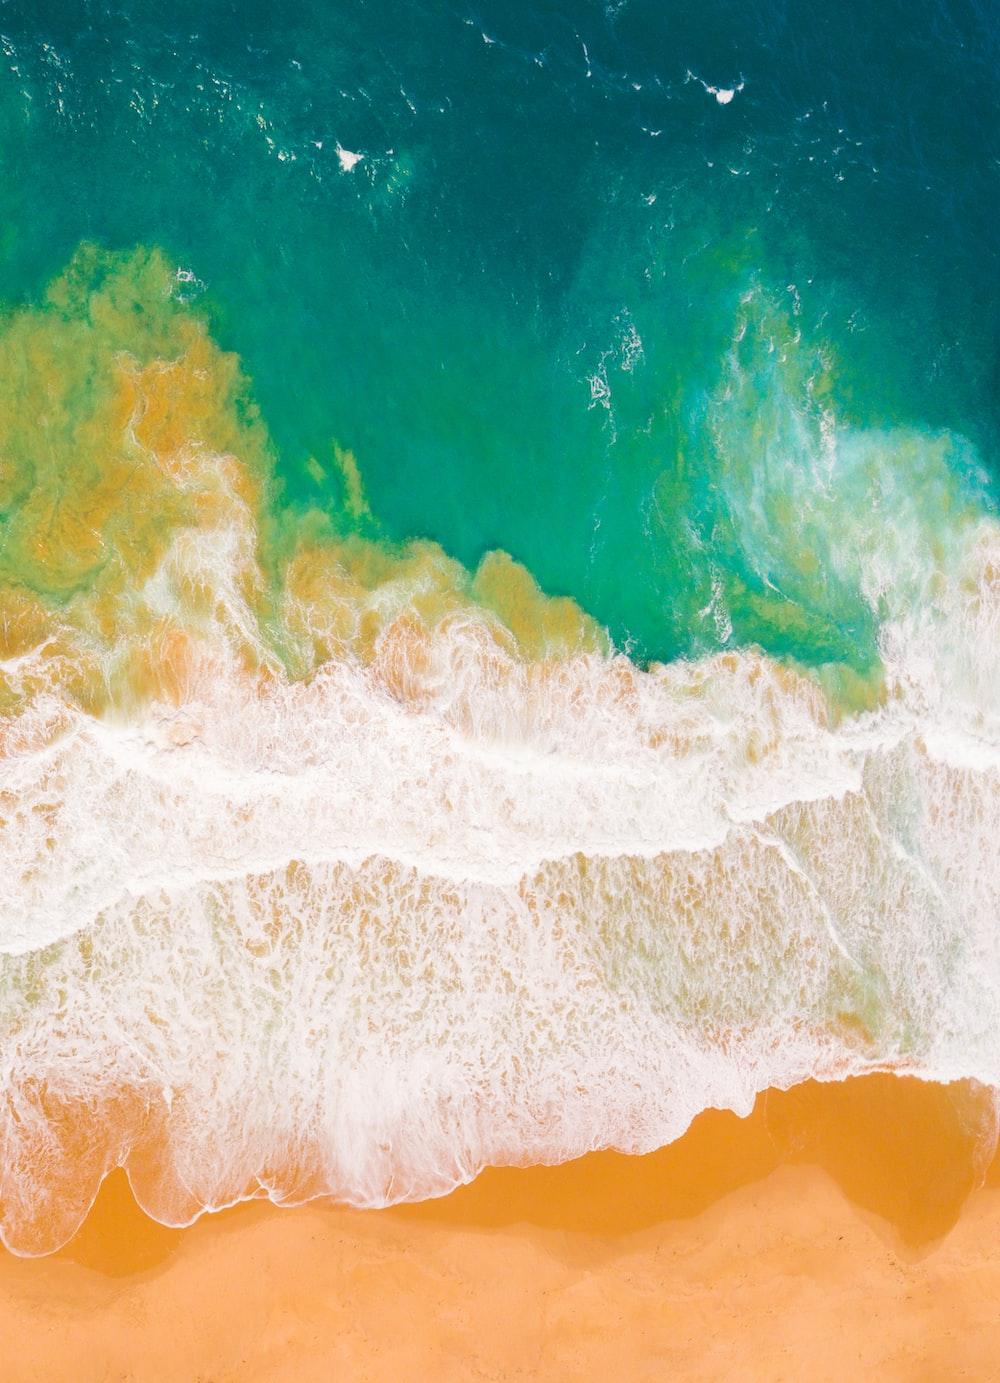 birds eye view of beach shore